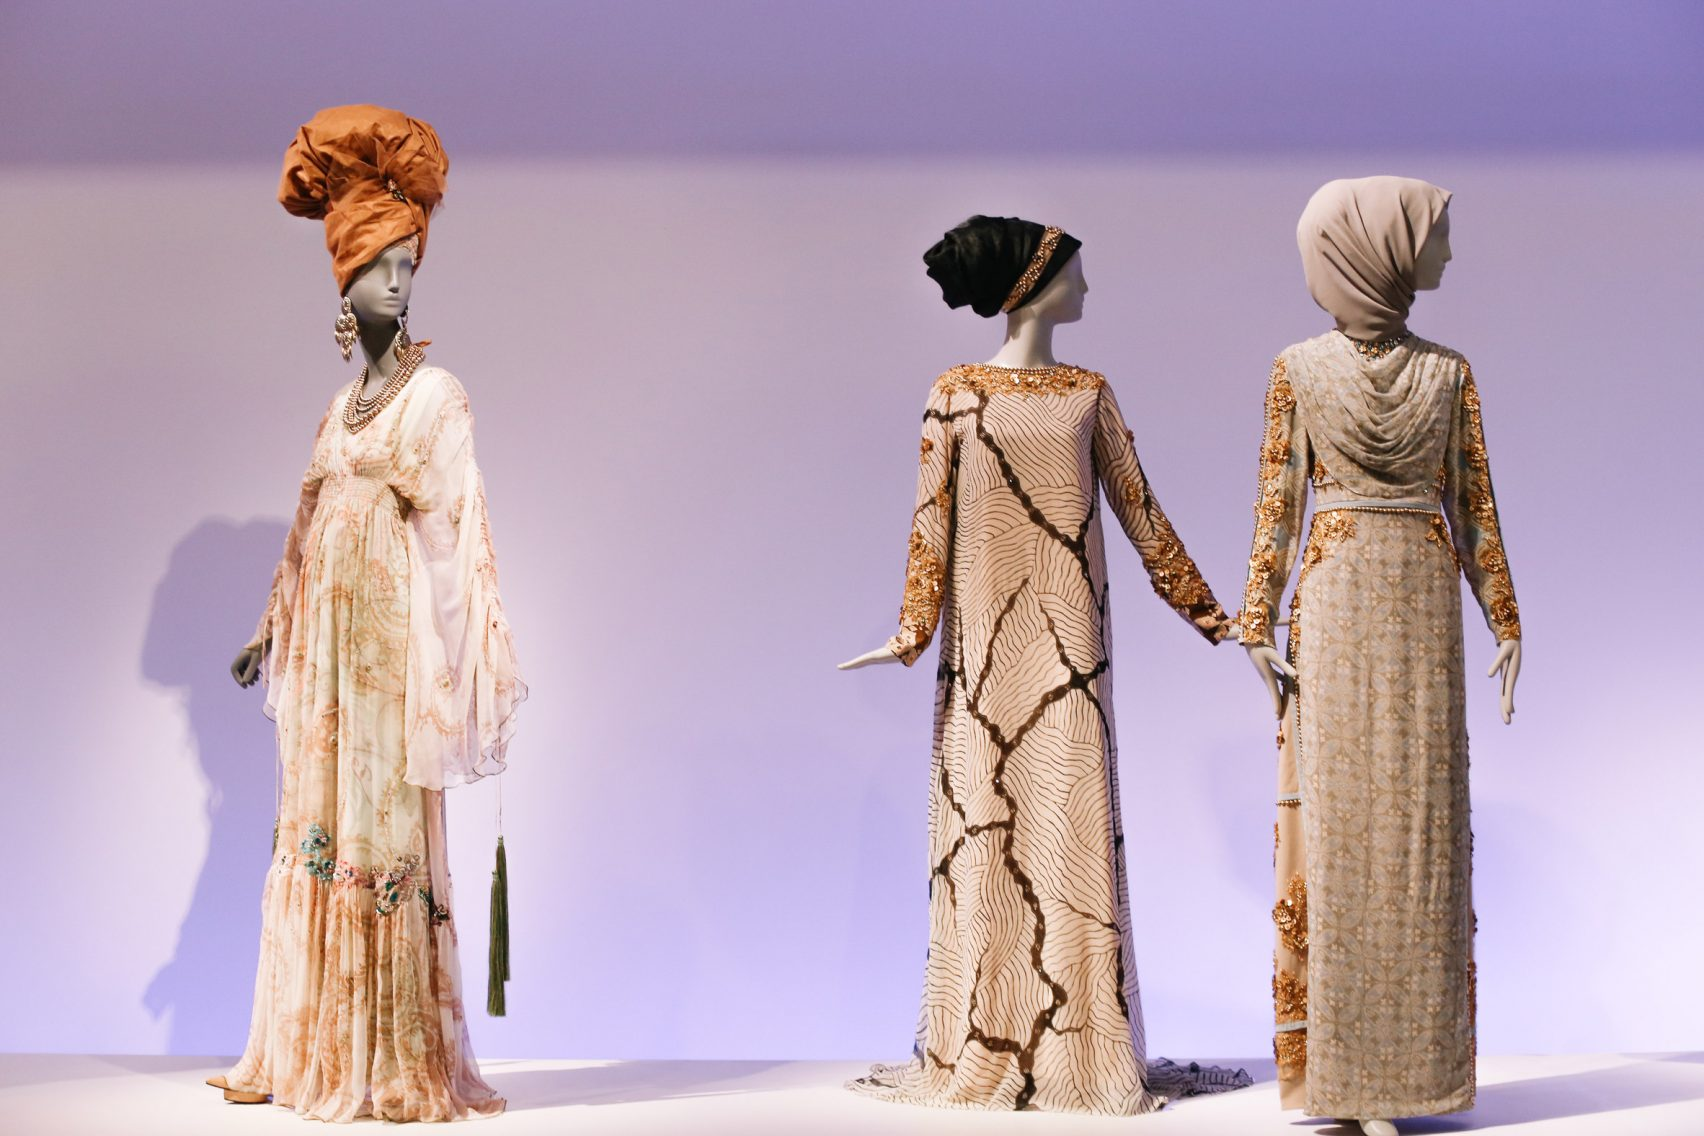 نمایش مد، فشن و طراحی لباس اسلامی، در موزه سانفرانسیسکو